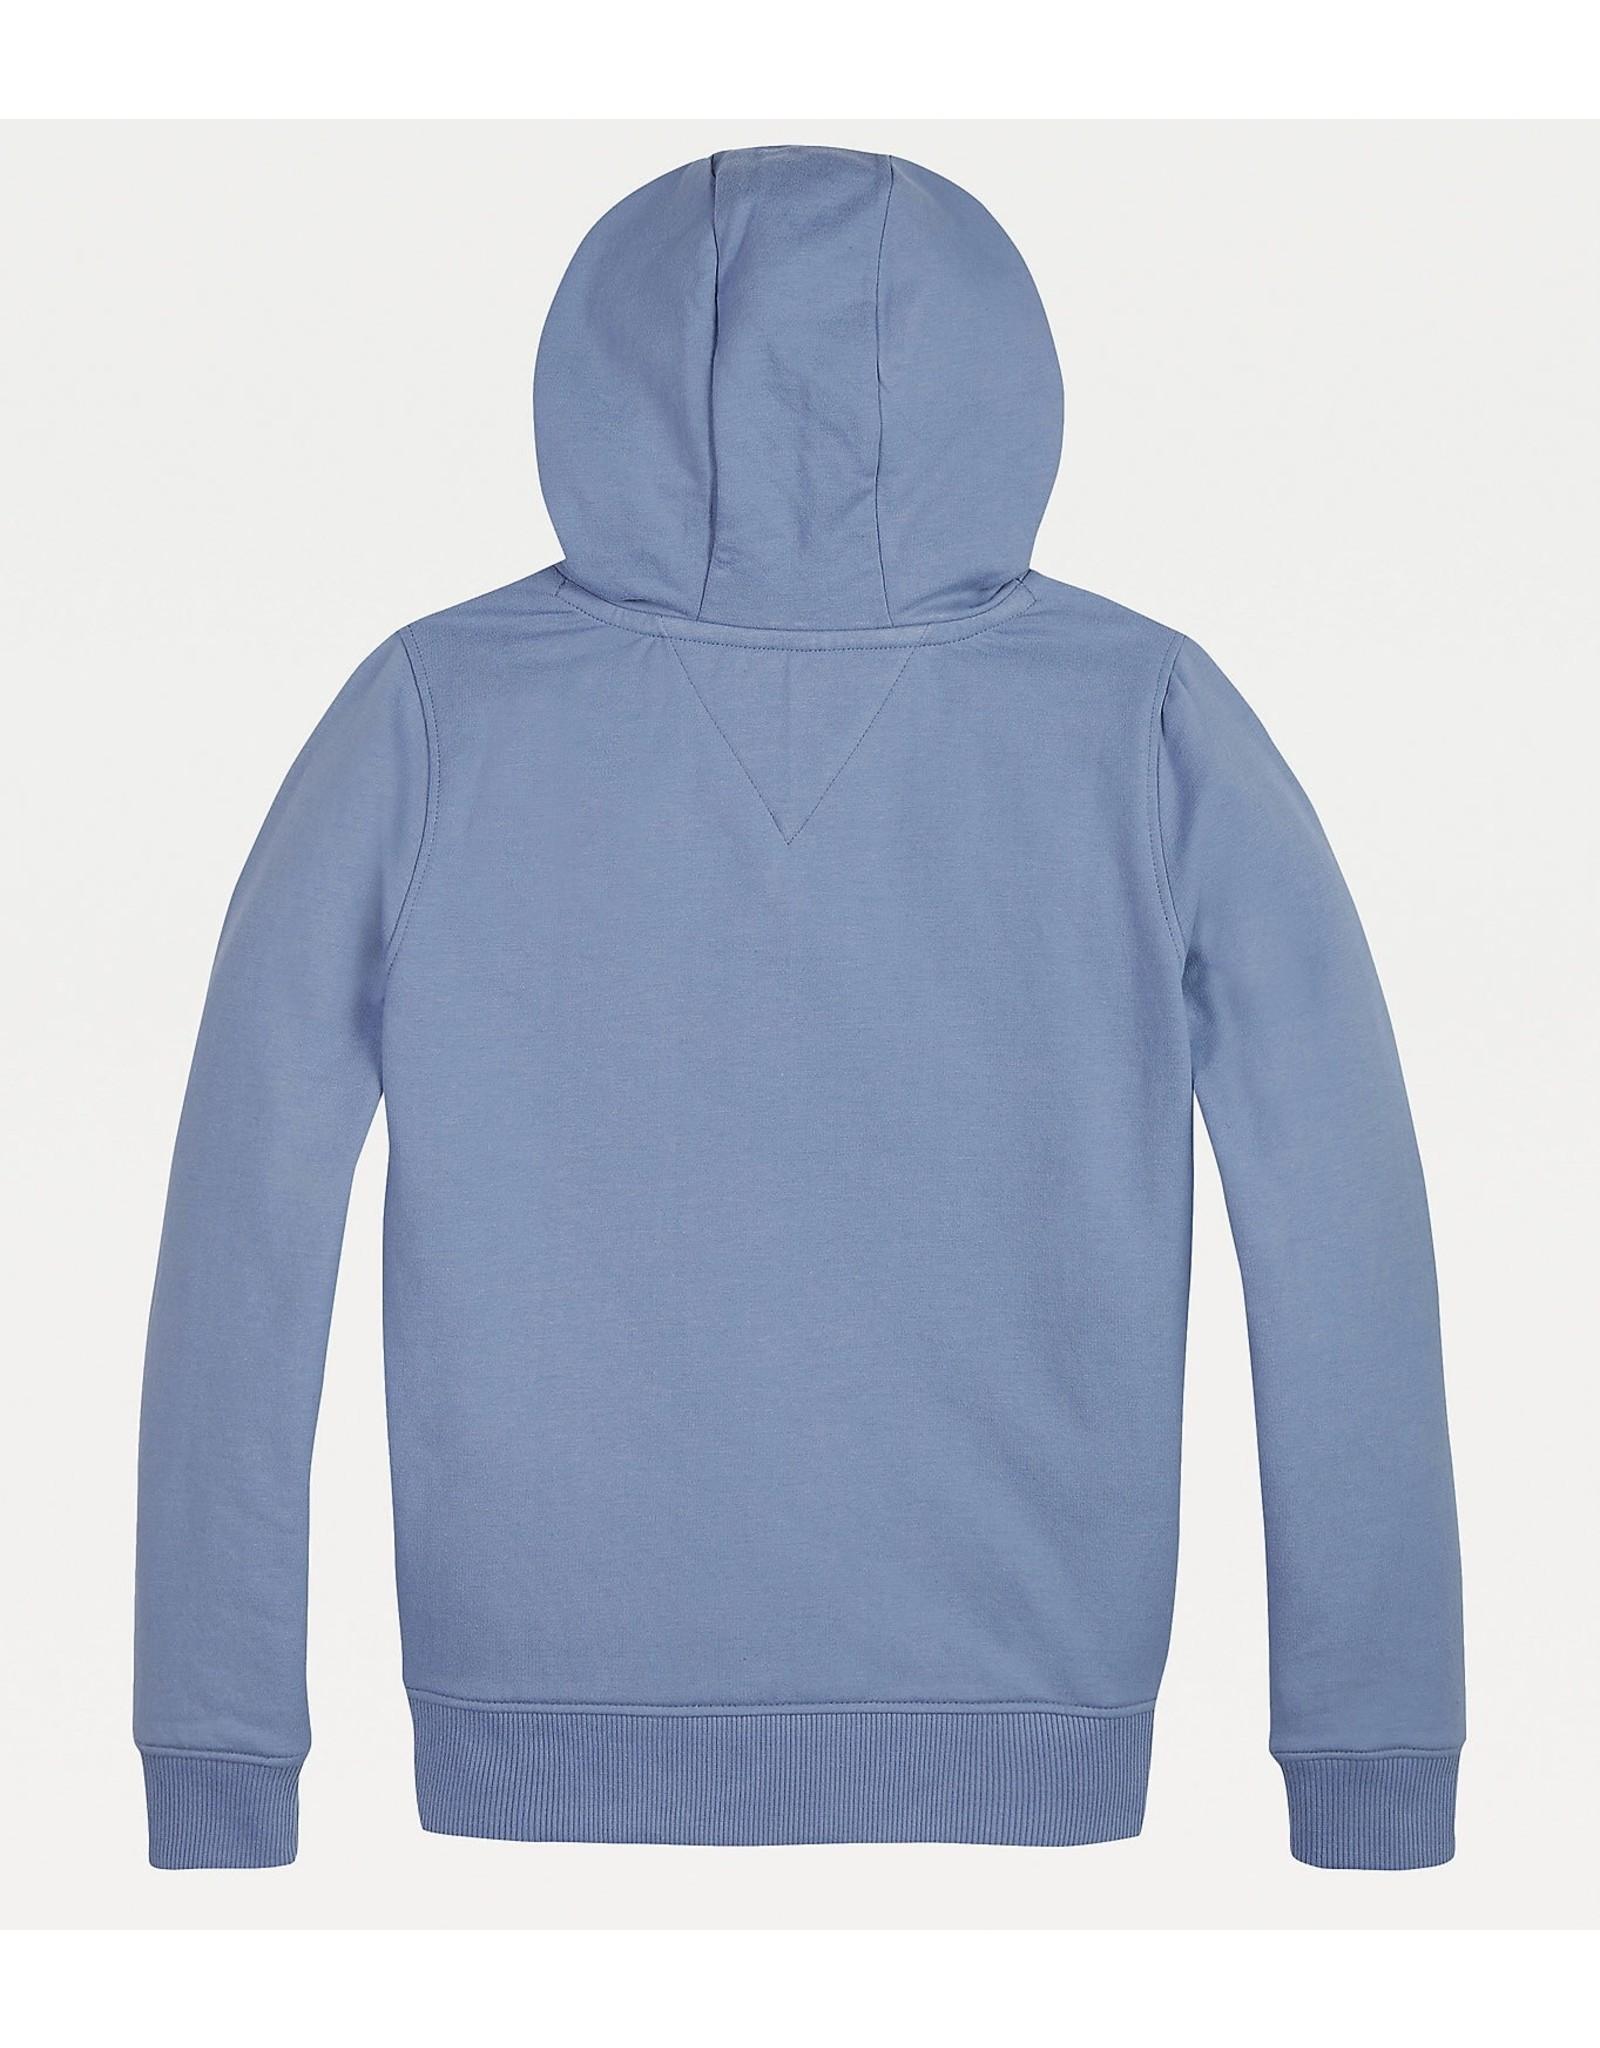 Tommy Hilfiger 05796 hoodie